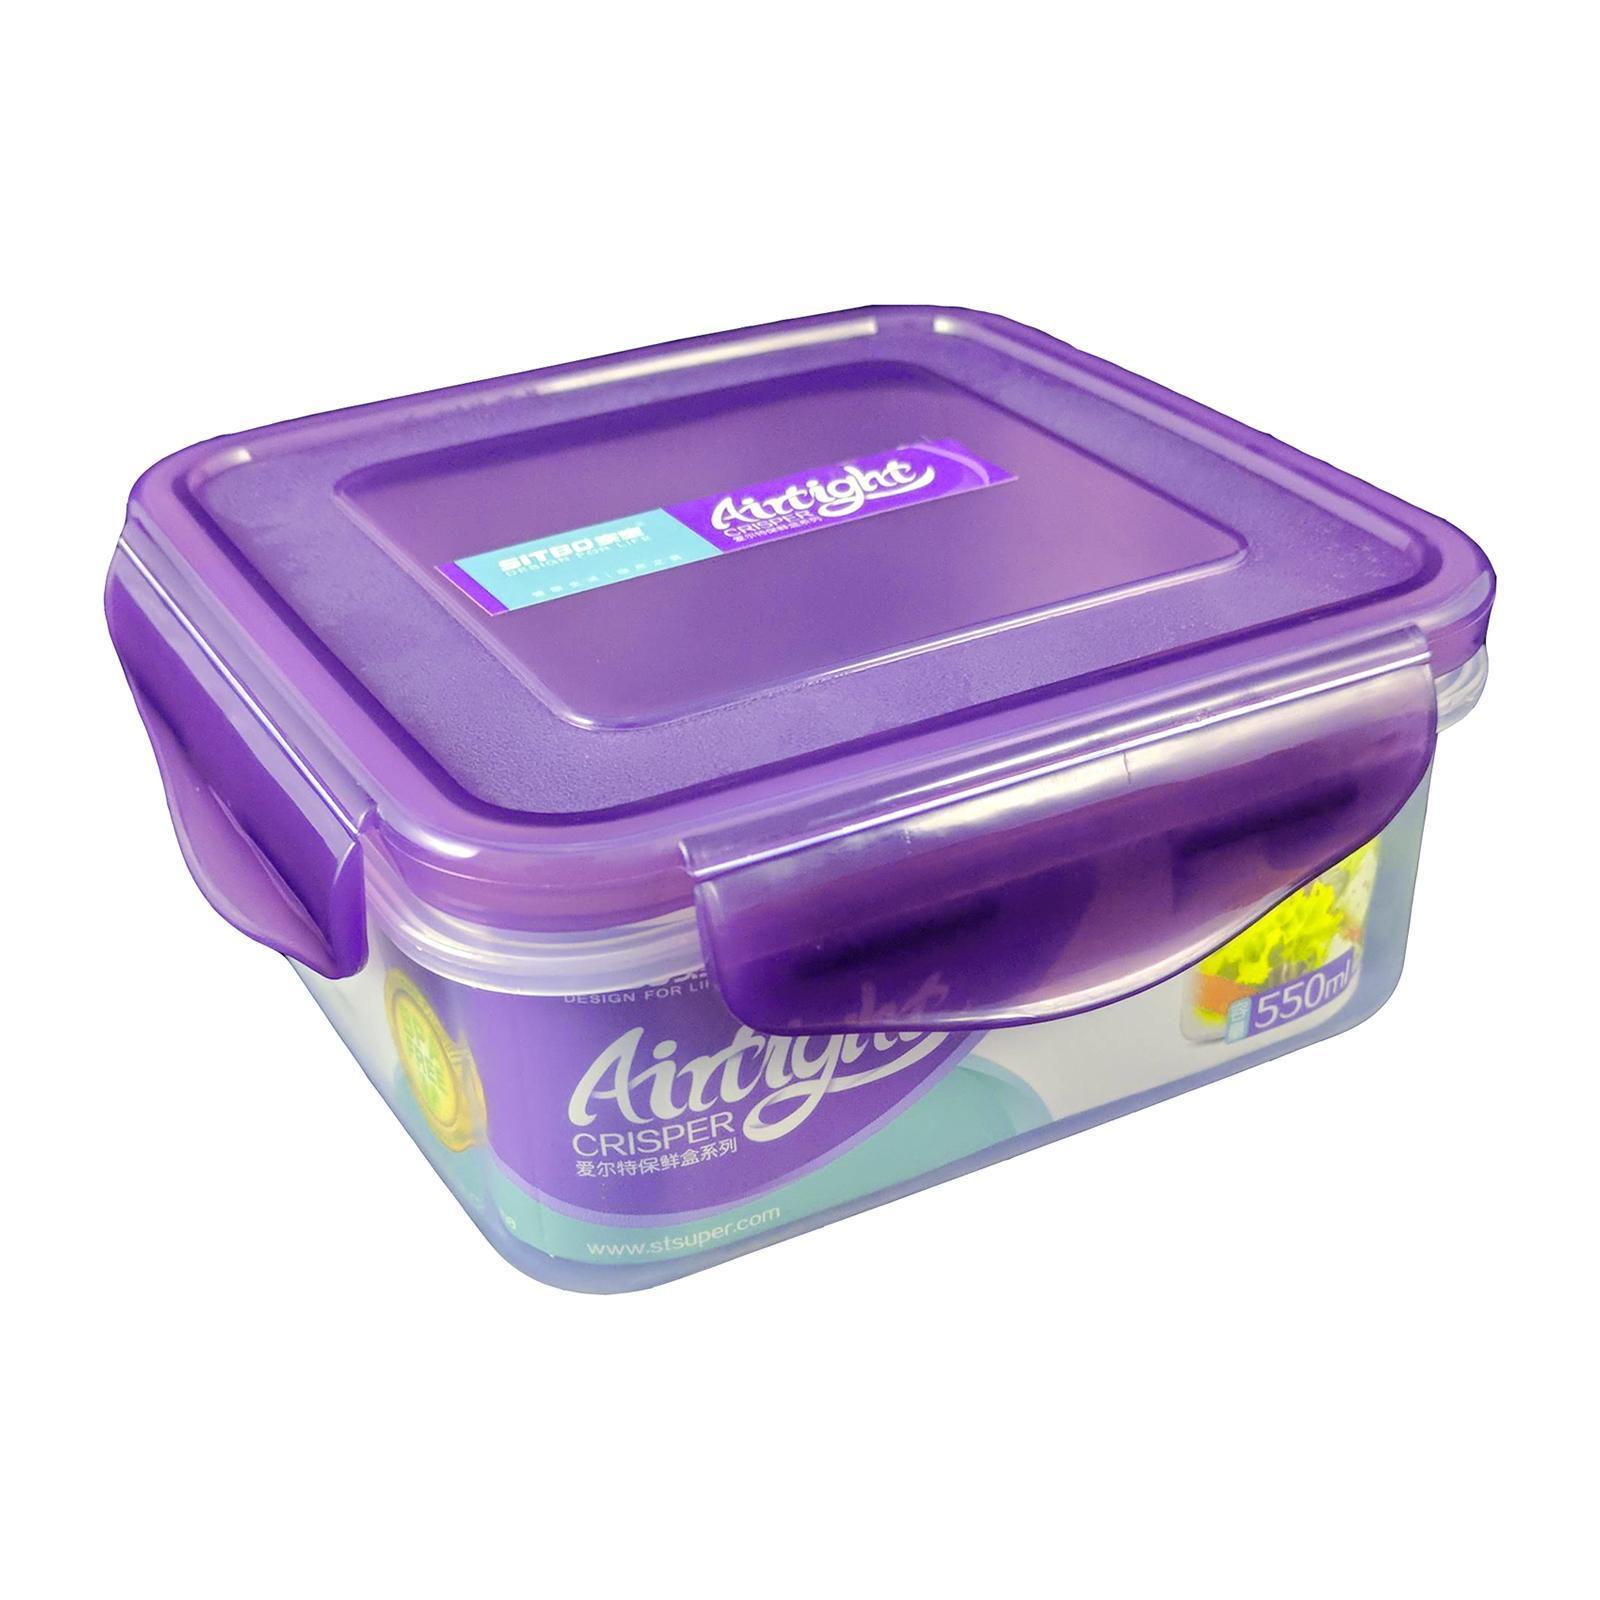 Sitbo Square Airtight Crisper 550 ML 2-PCS Pack